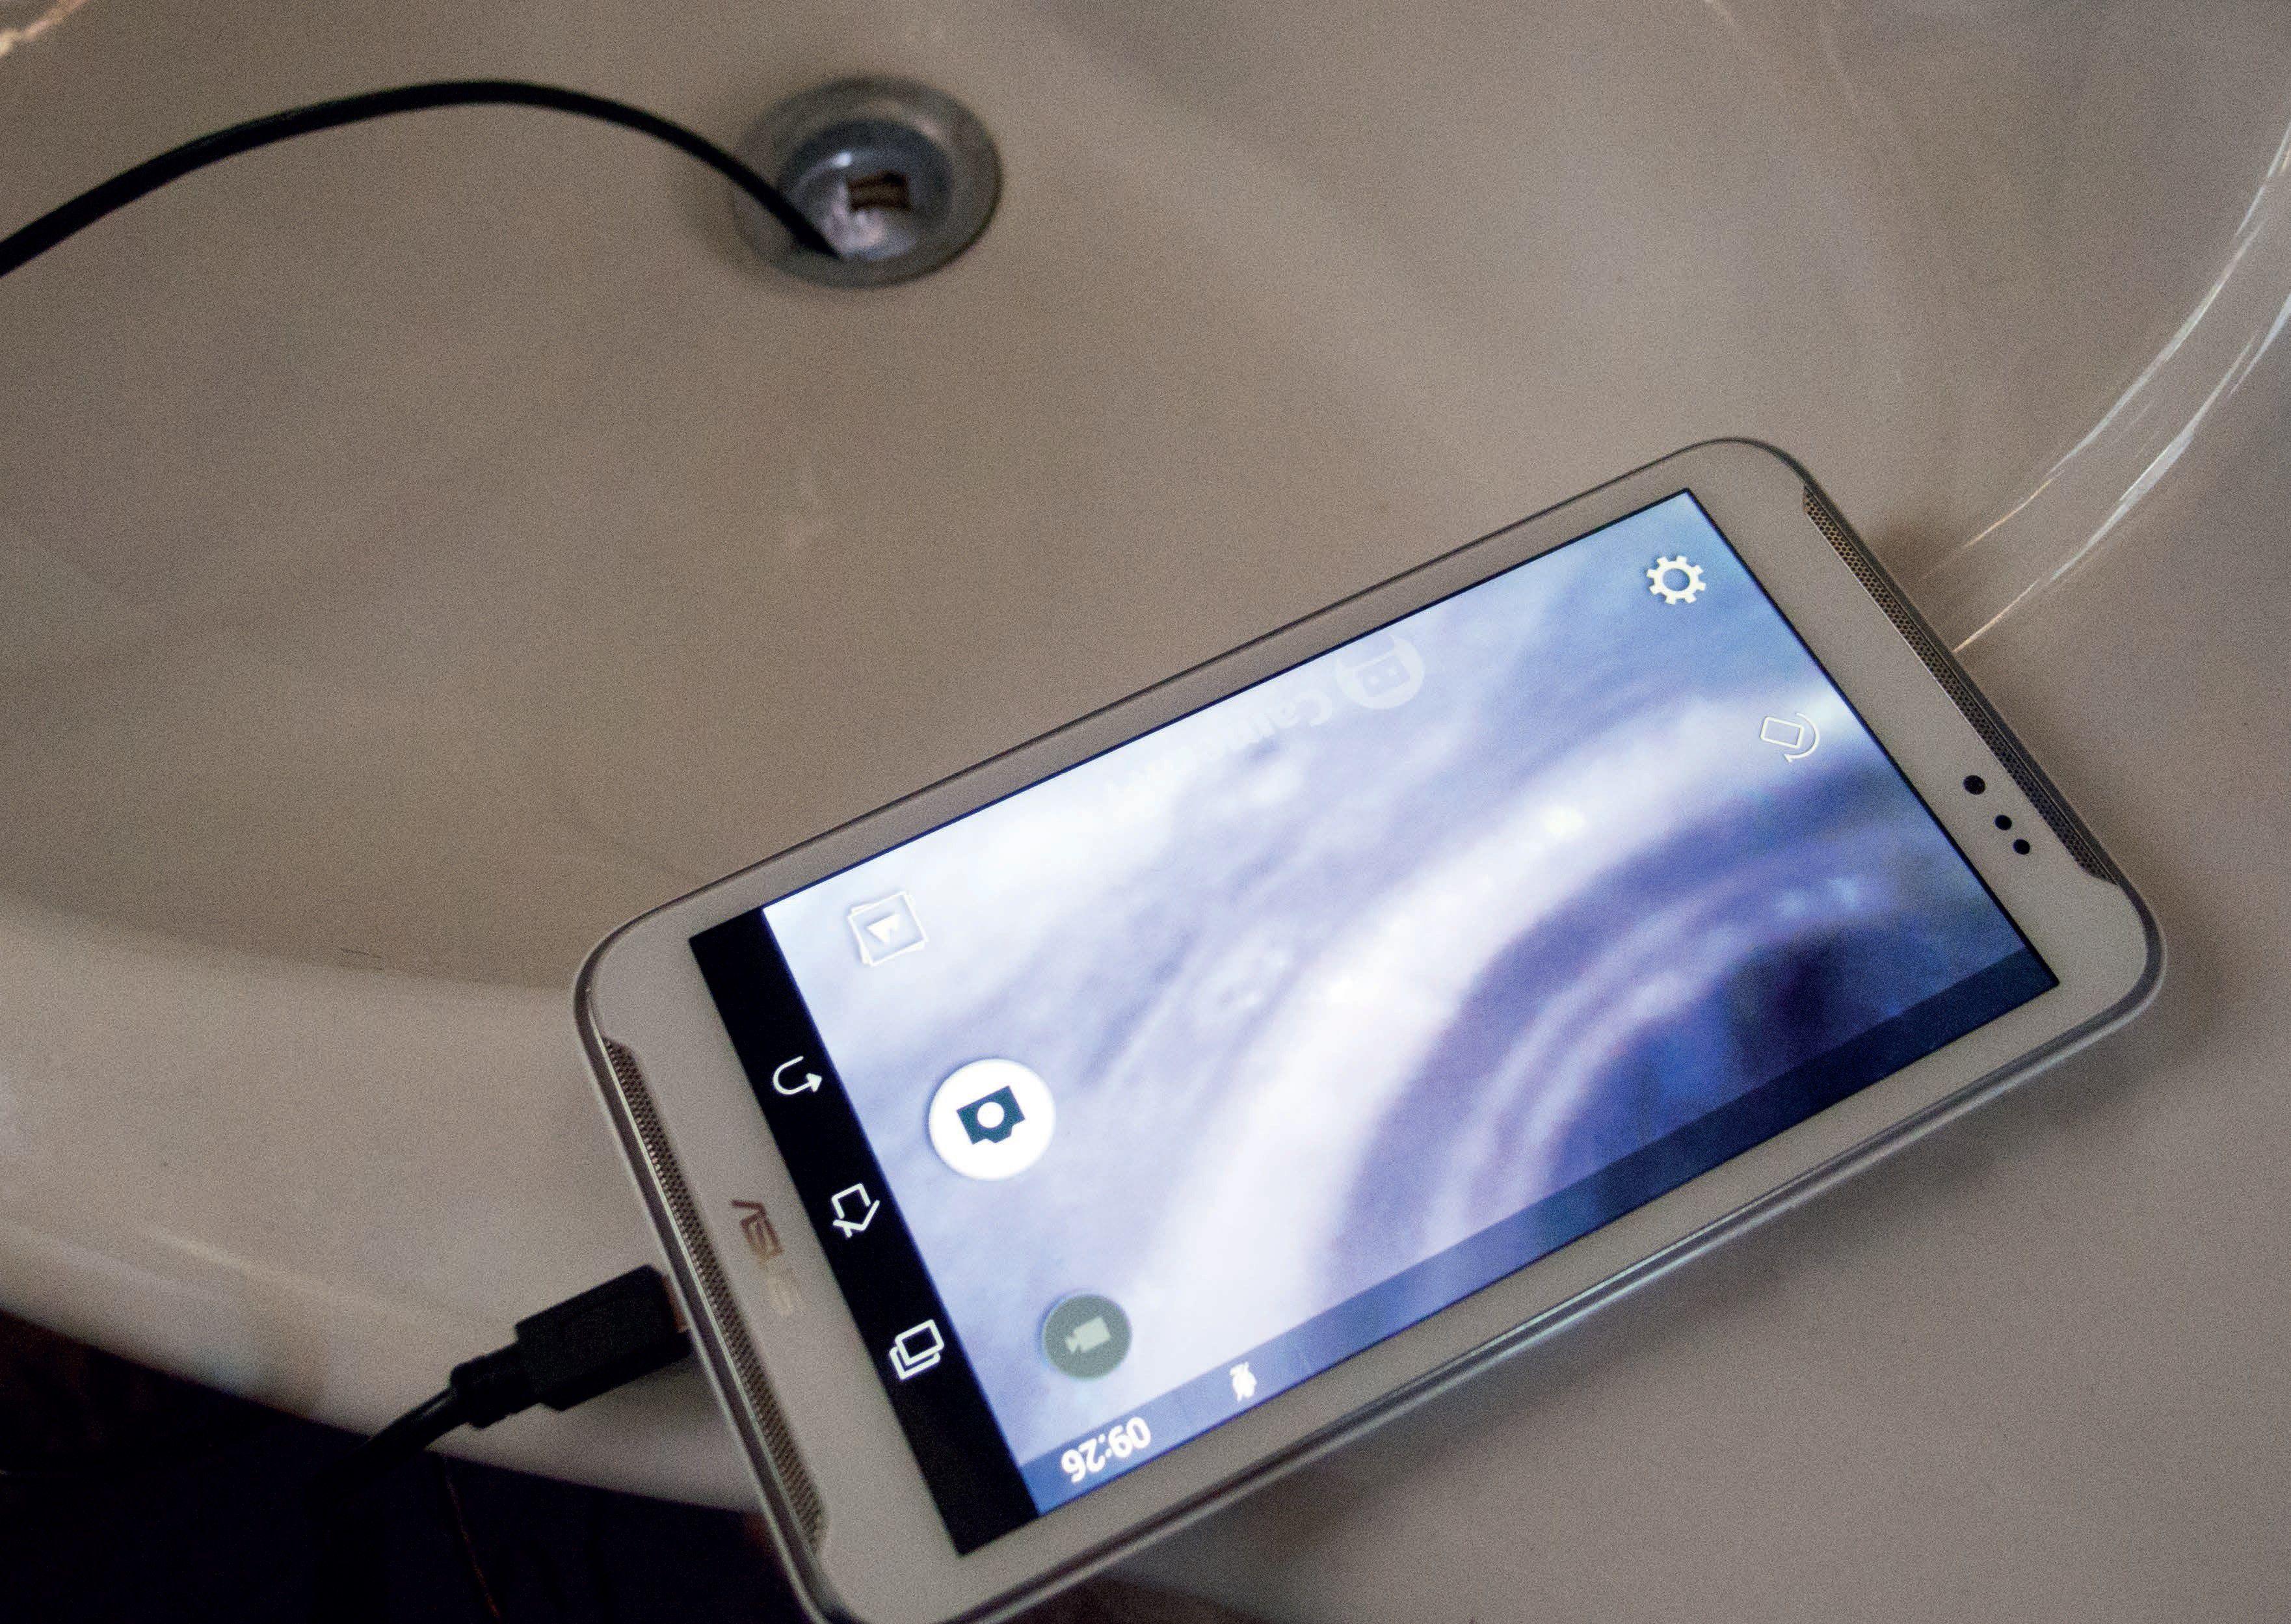 teleskop kamera smartphone somikon endoskopkamera handy. Black Bedroom Furniture Sets. Home Design Ideas